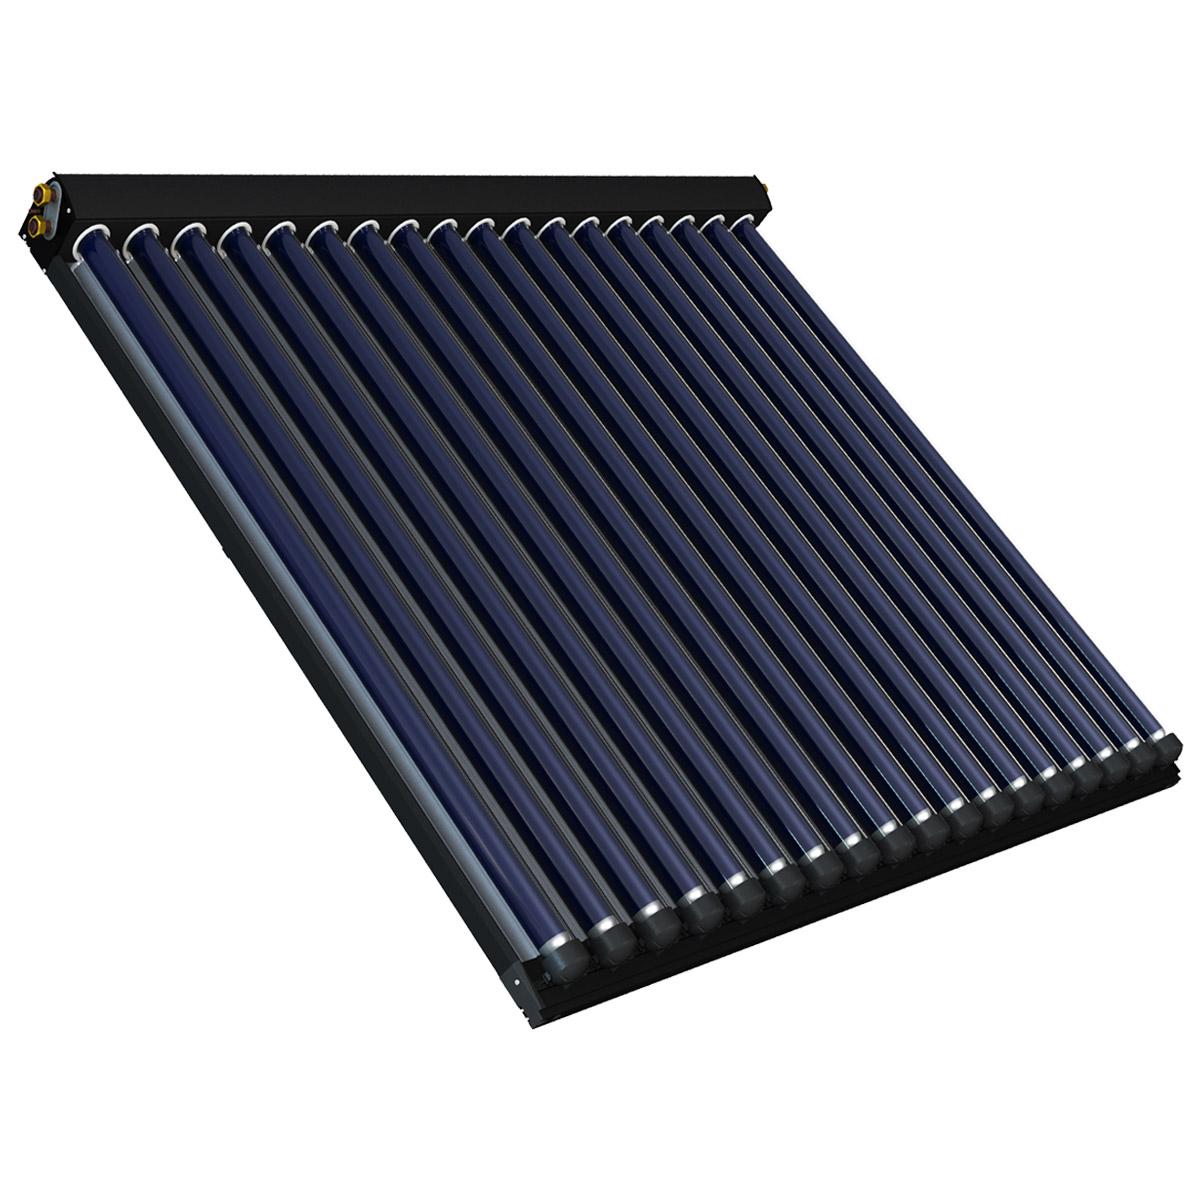 a7d9a5fcedef63 solarbayer vakuumröhrenkollektor CPC NERO vakuum-röhrenkollektor ...